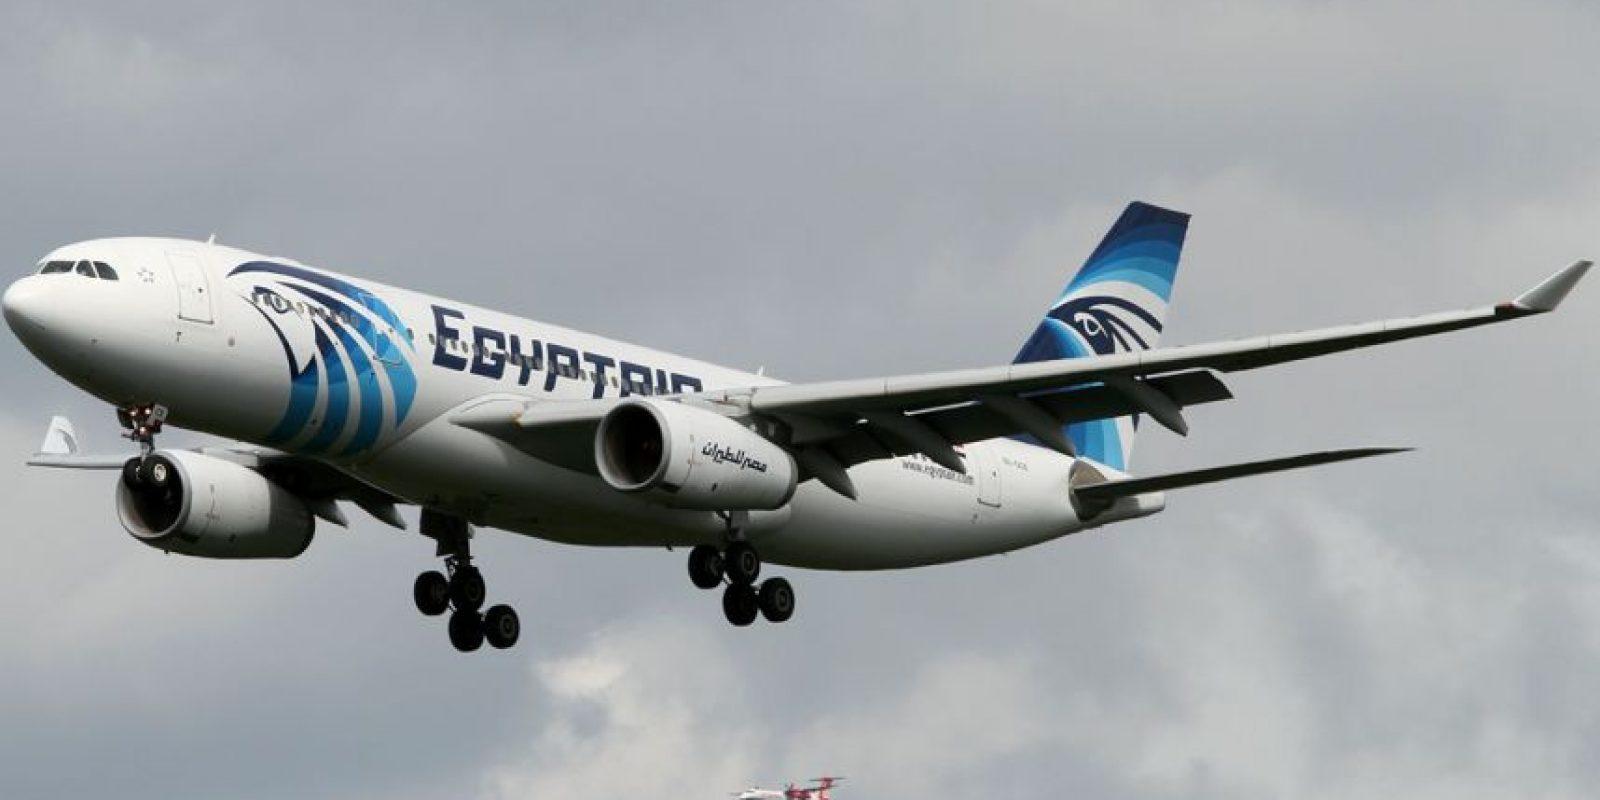 La aeronave viajaba con 66 personas a bordo Foto:Twitter